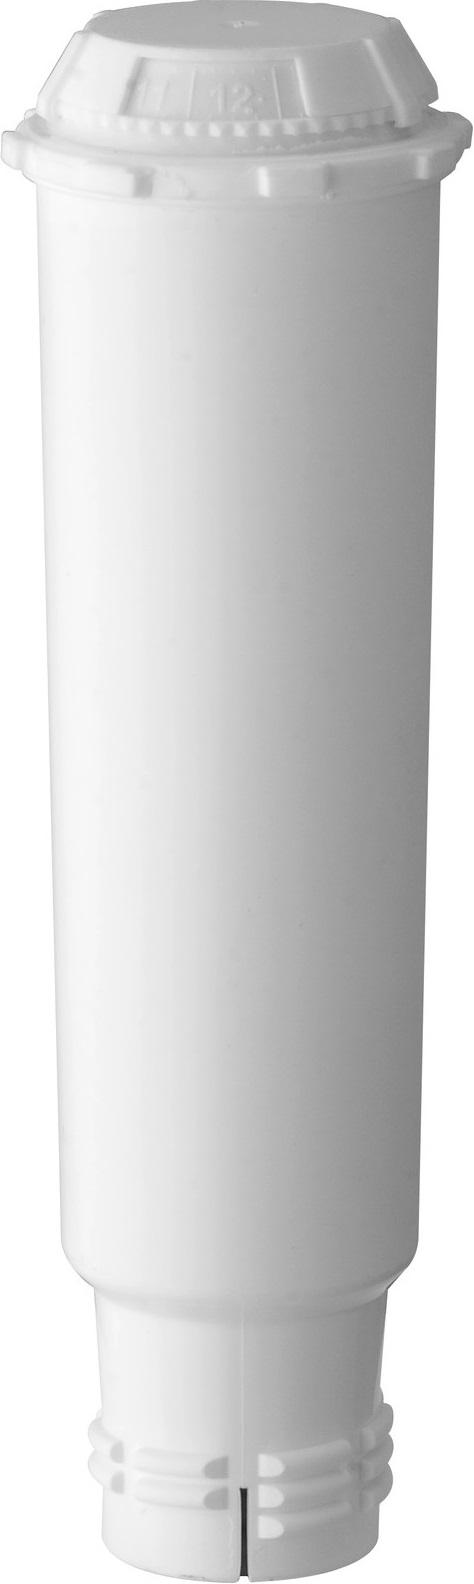 Фильтр для воды Nivona NIRF 700, белый фильтр для воды bosch фильтр для кофемашин tcz6003 00461732